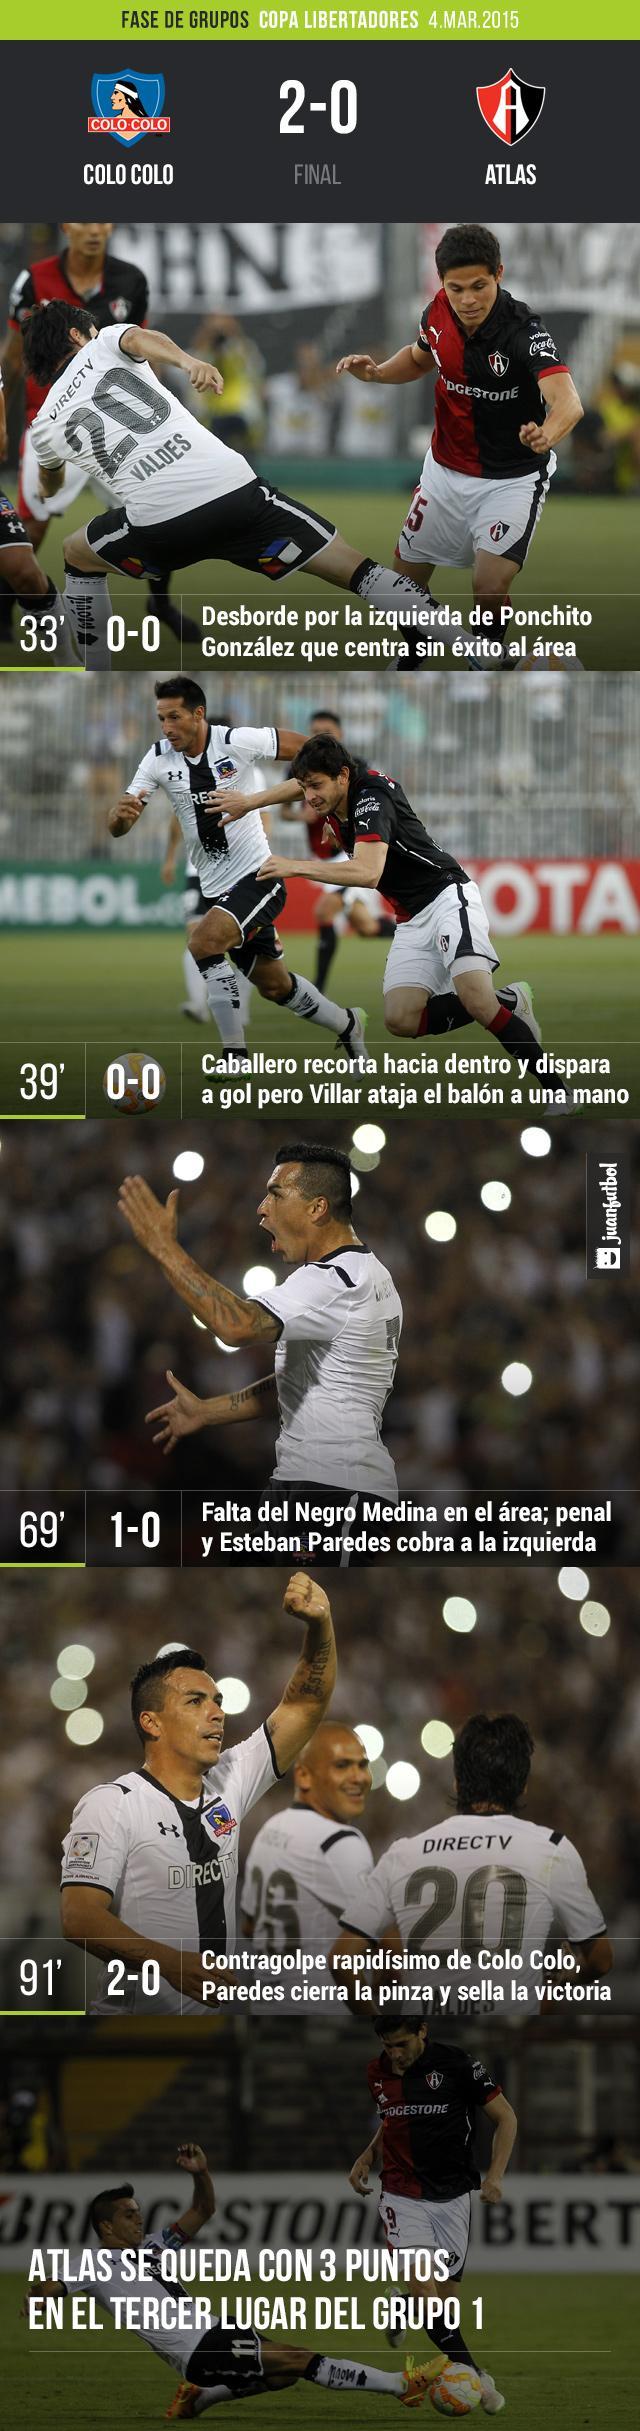 Colo Colo 2-0 Atlas